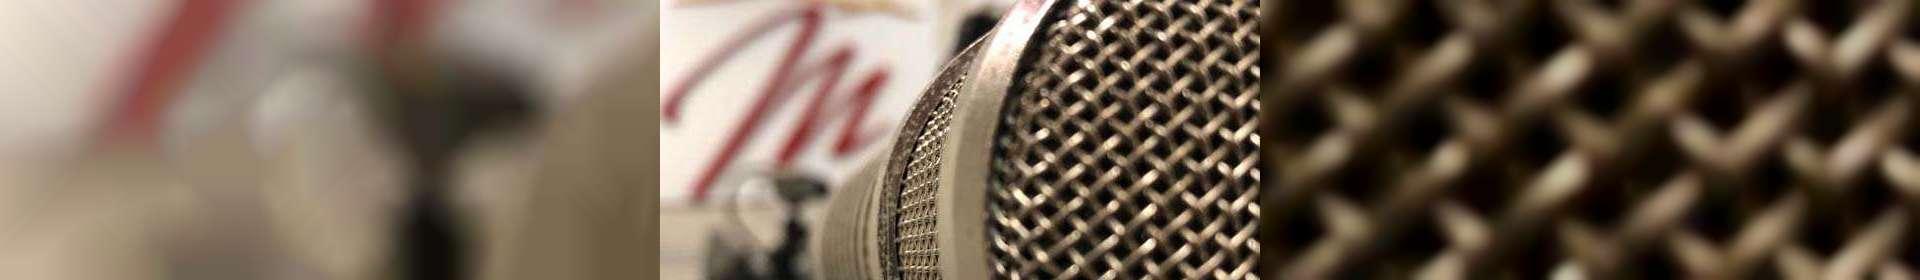 Entrevistas Rádio Maanaim - Projeto Missão nos Bairros